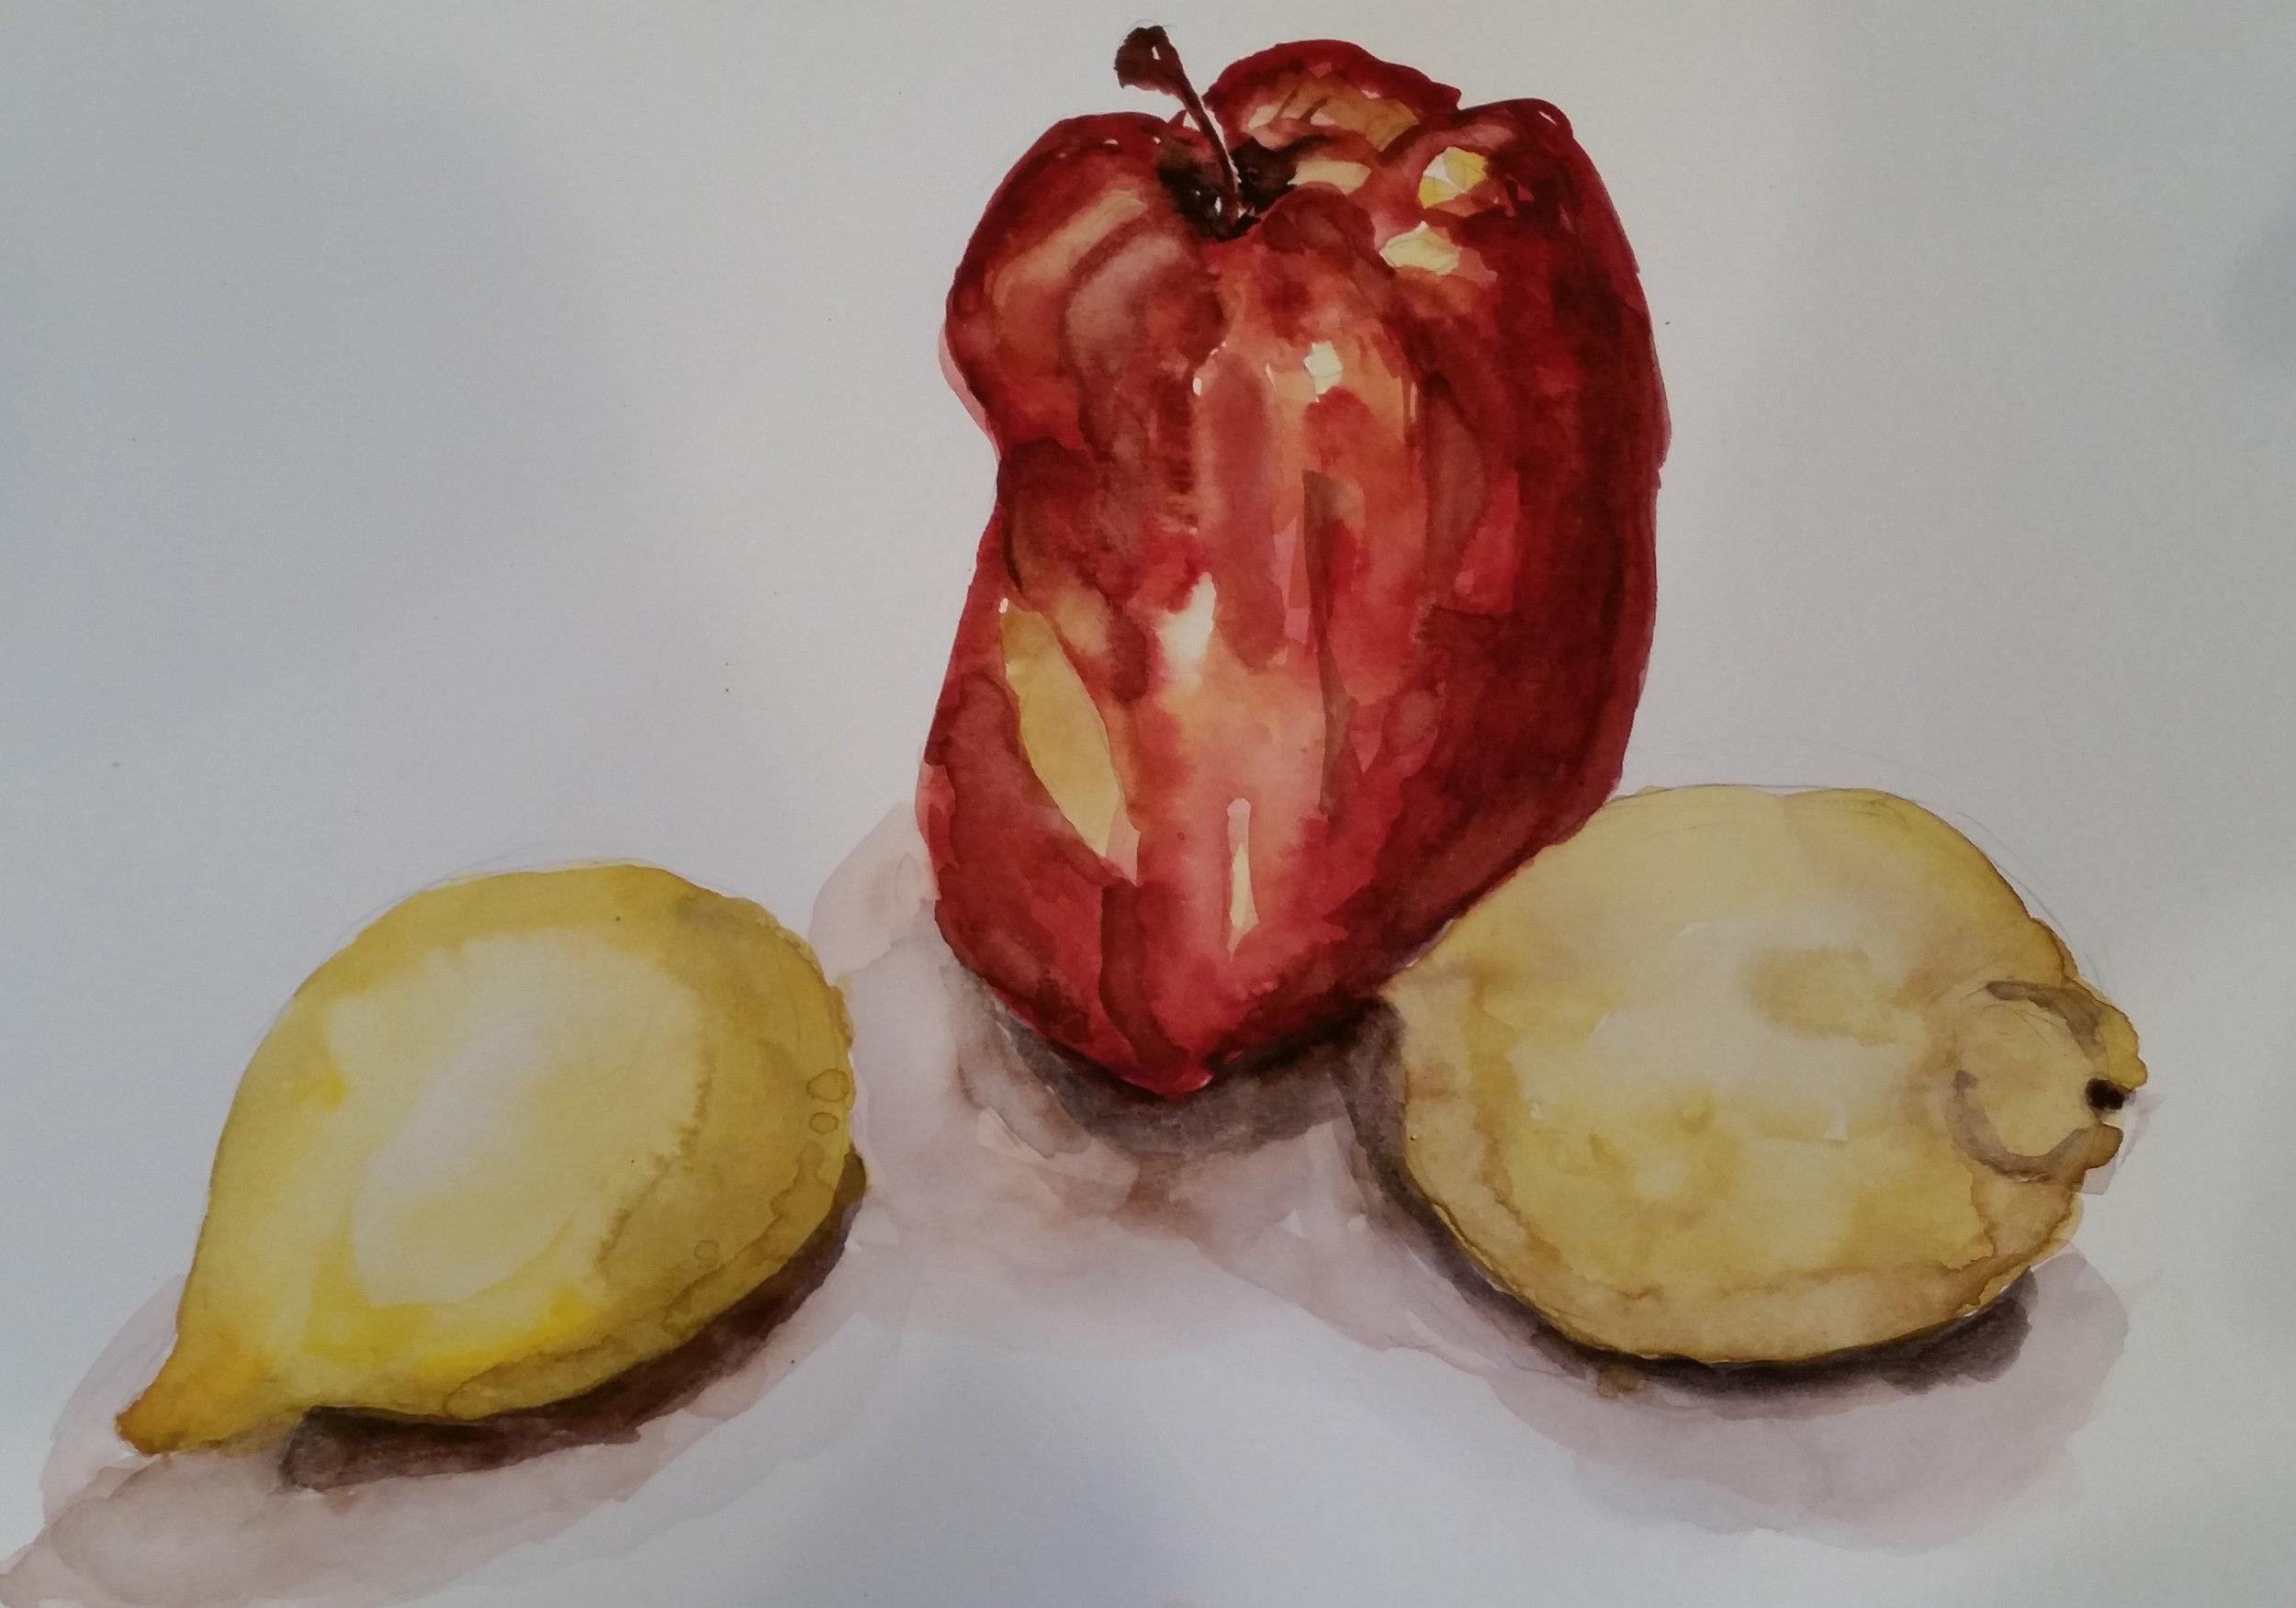 Apples Marnie crop.jpg